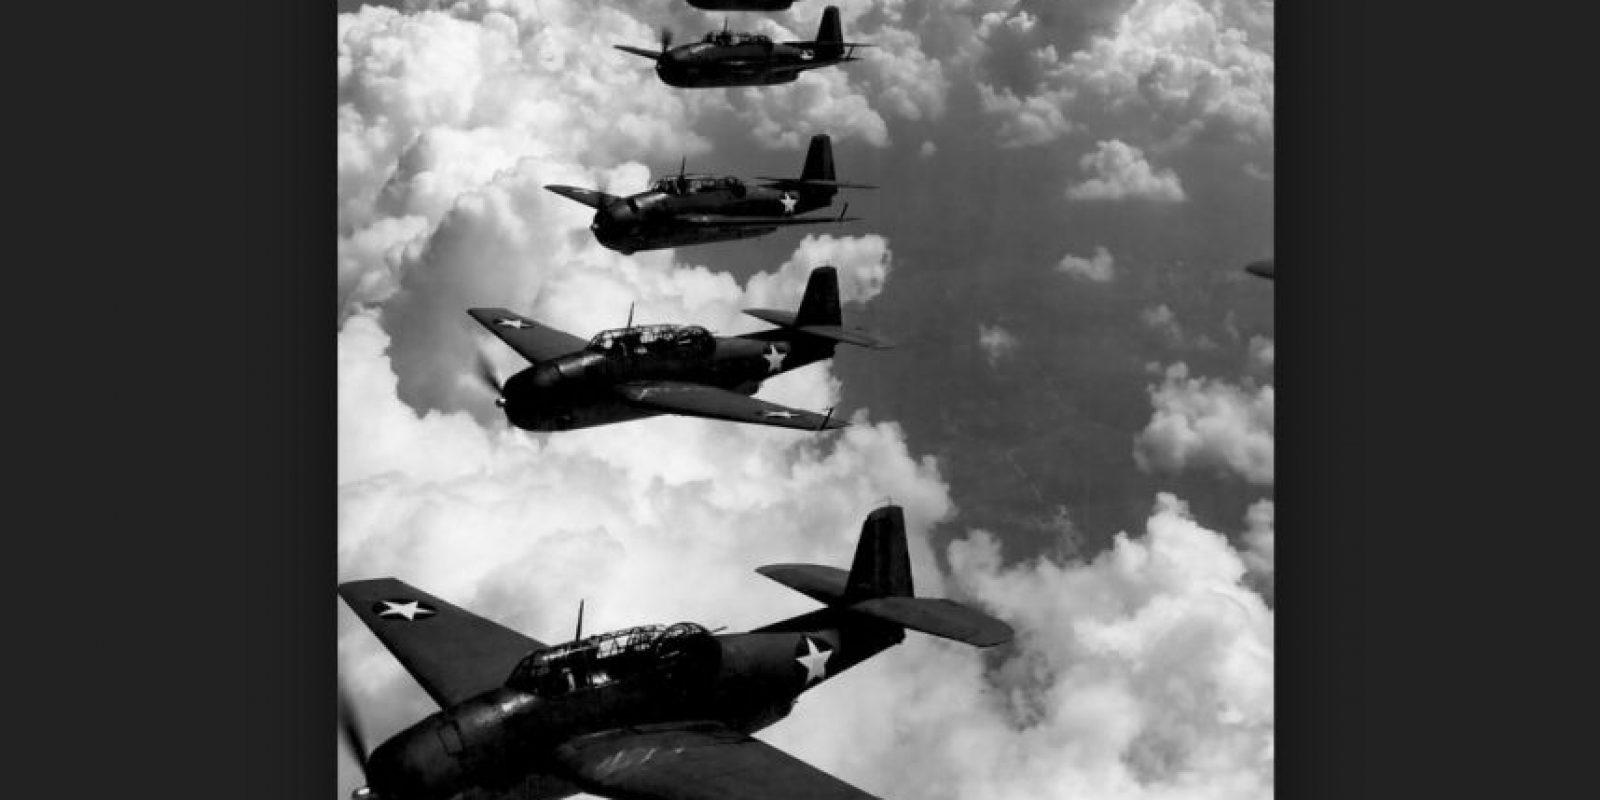 El 5 de diciembre de 1945, la operación aérea llamada Flight 19 desapareció en el triángulo. Foto:Wikipedia.org